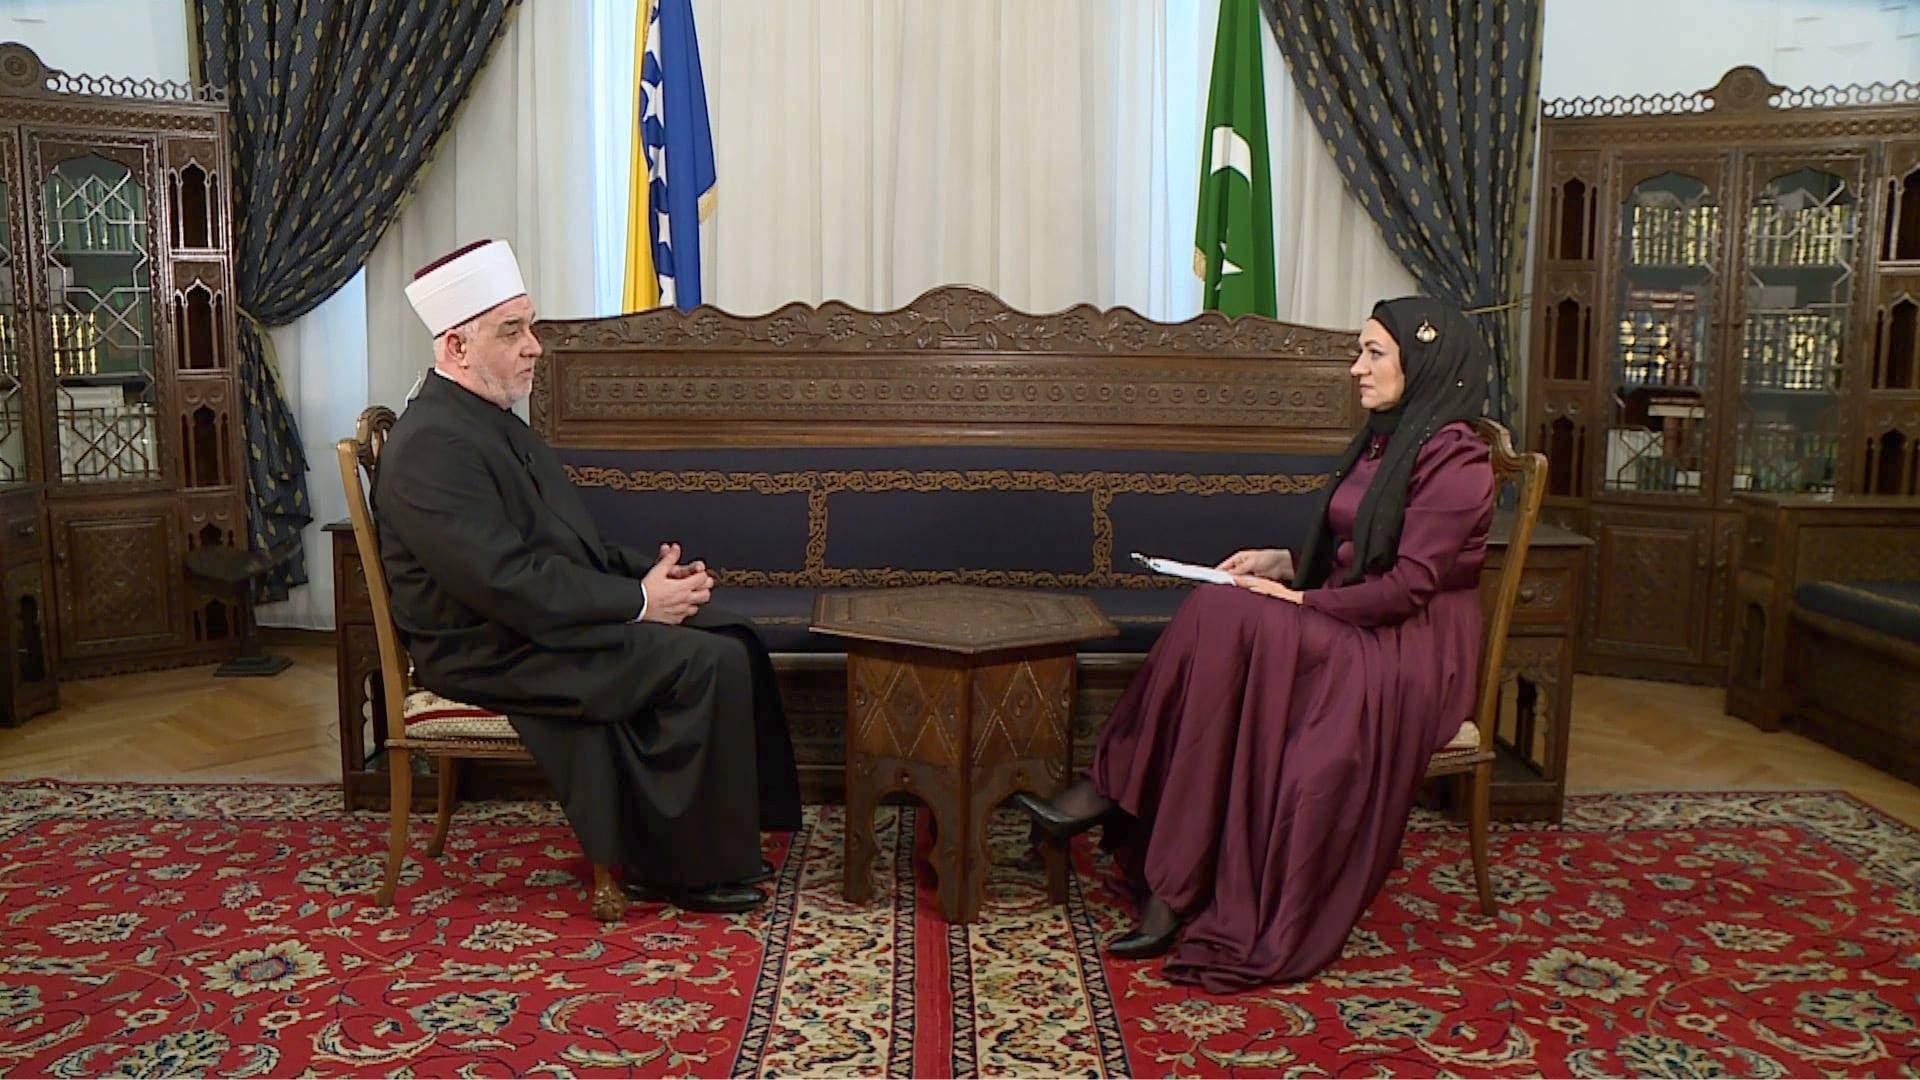 Reisu-l-ulema Husein Kavazović i Emira Musa - Bajramski intervju sa reisu-l-ulemom Huseinom-ef. Kavazovićem za BIR Televiziju